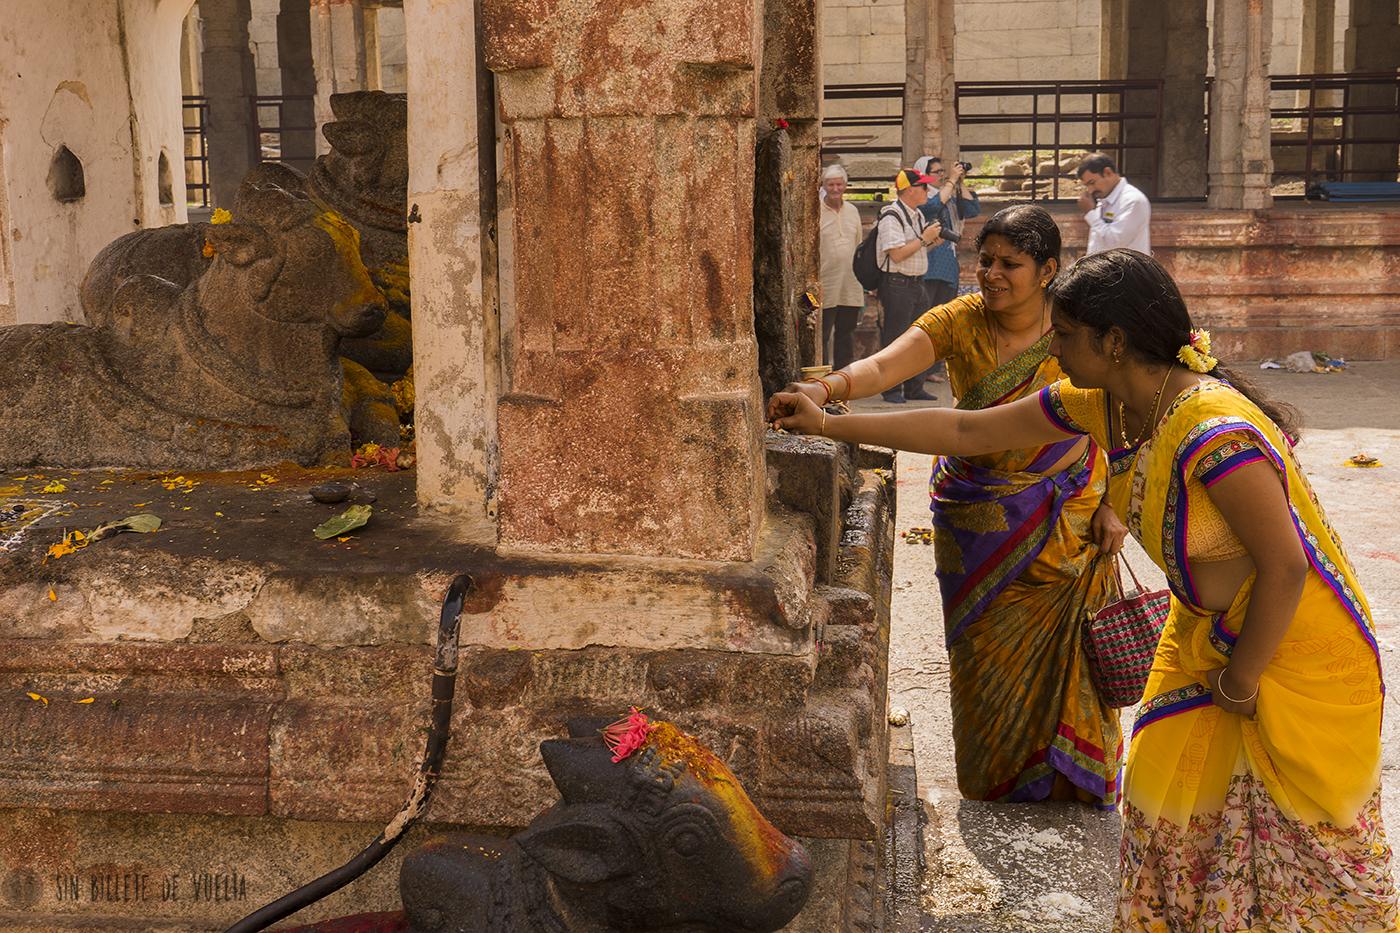 #Día 19 - Ofrendas en el templo de Vijayanagara